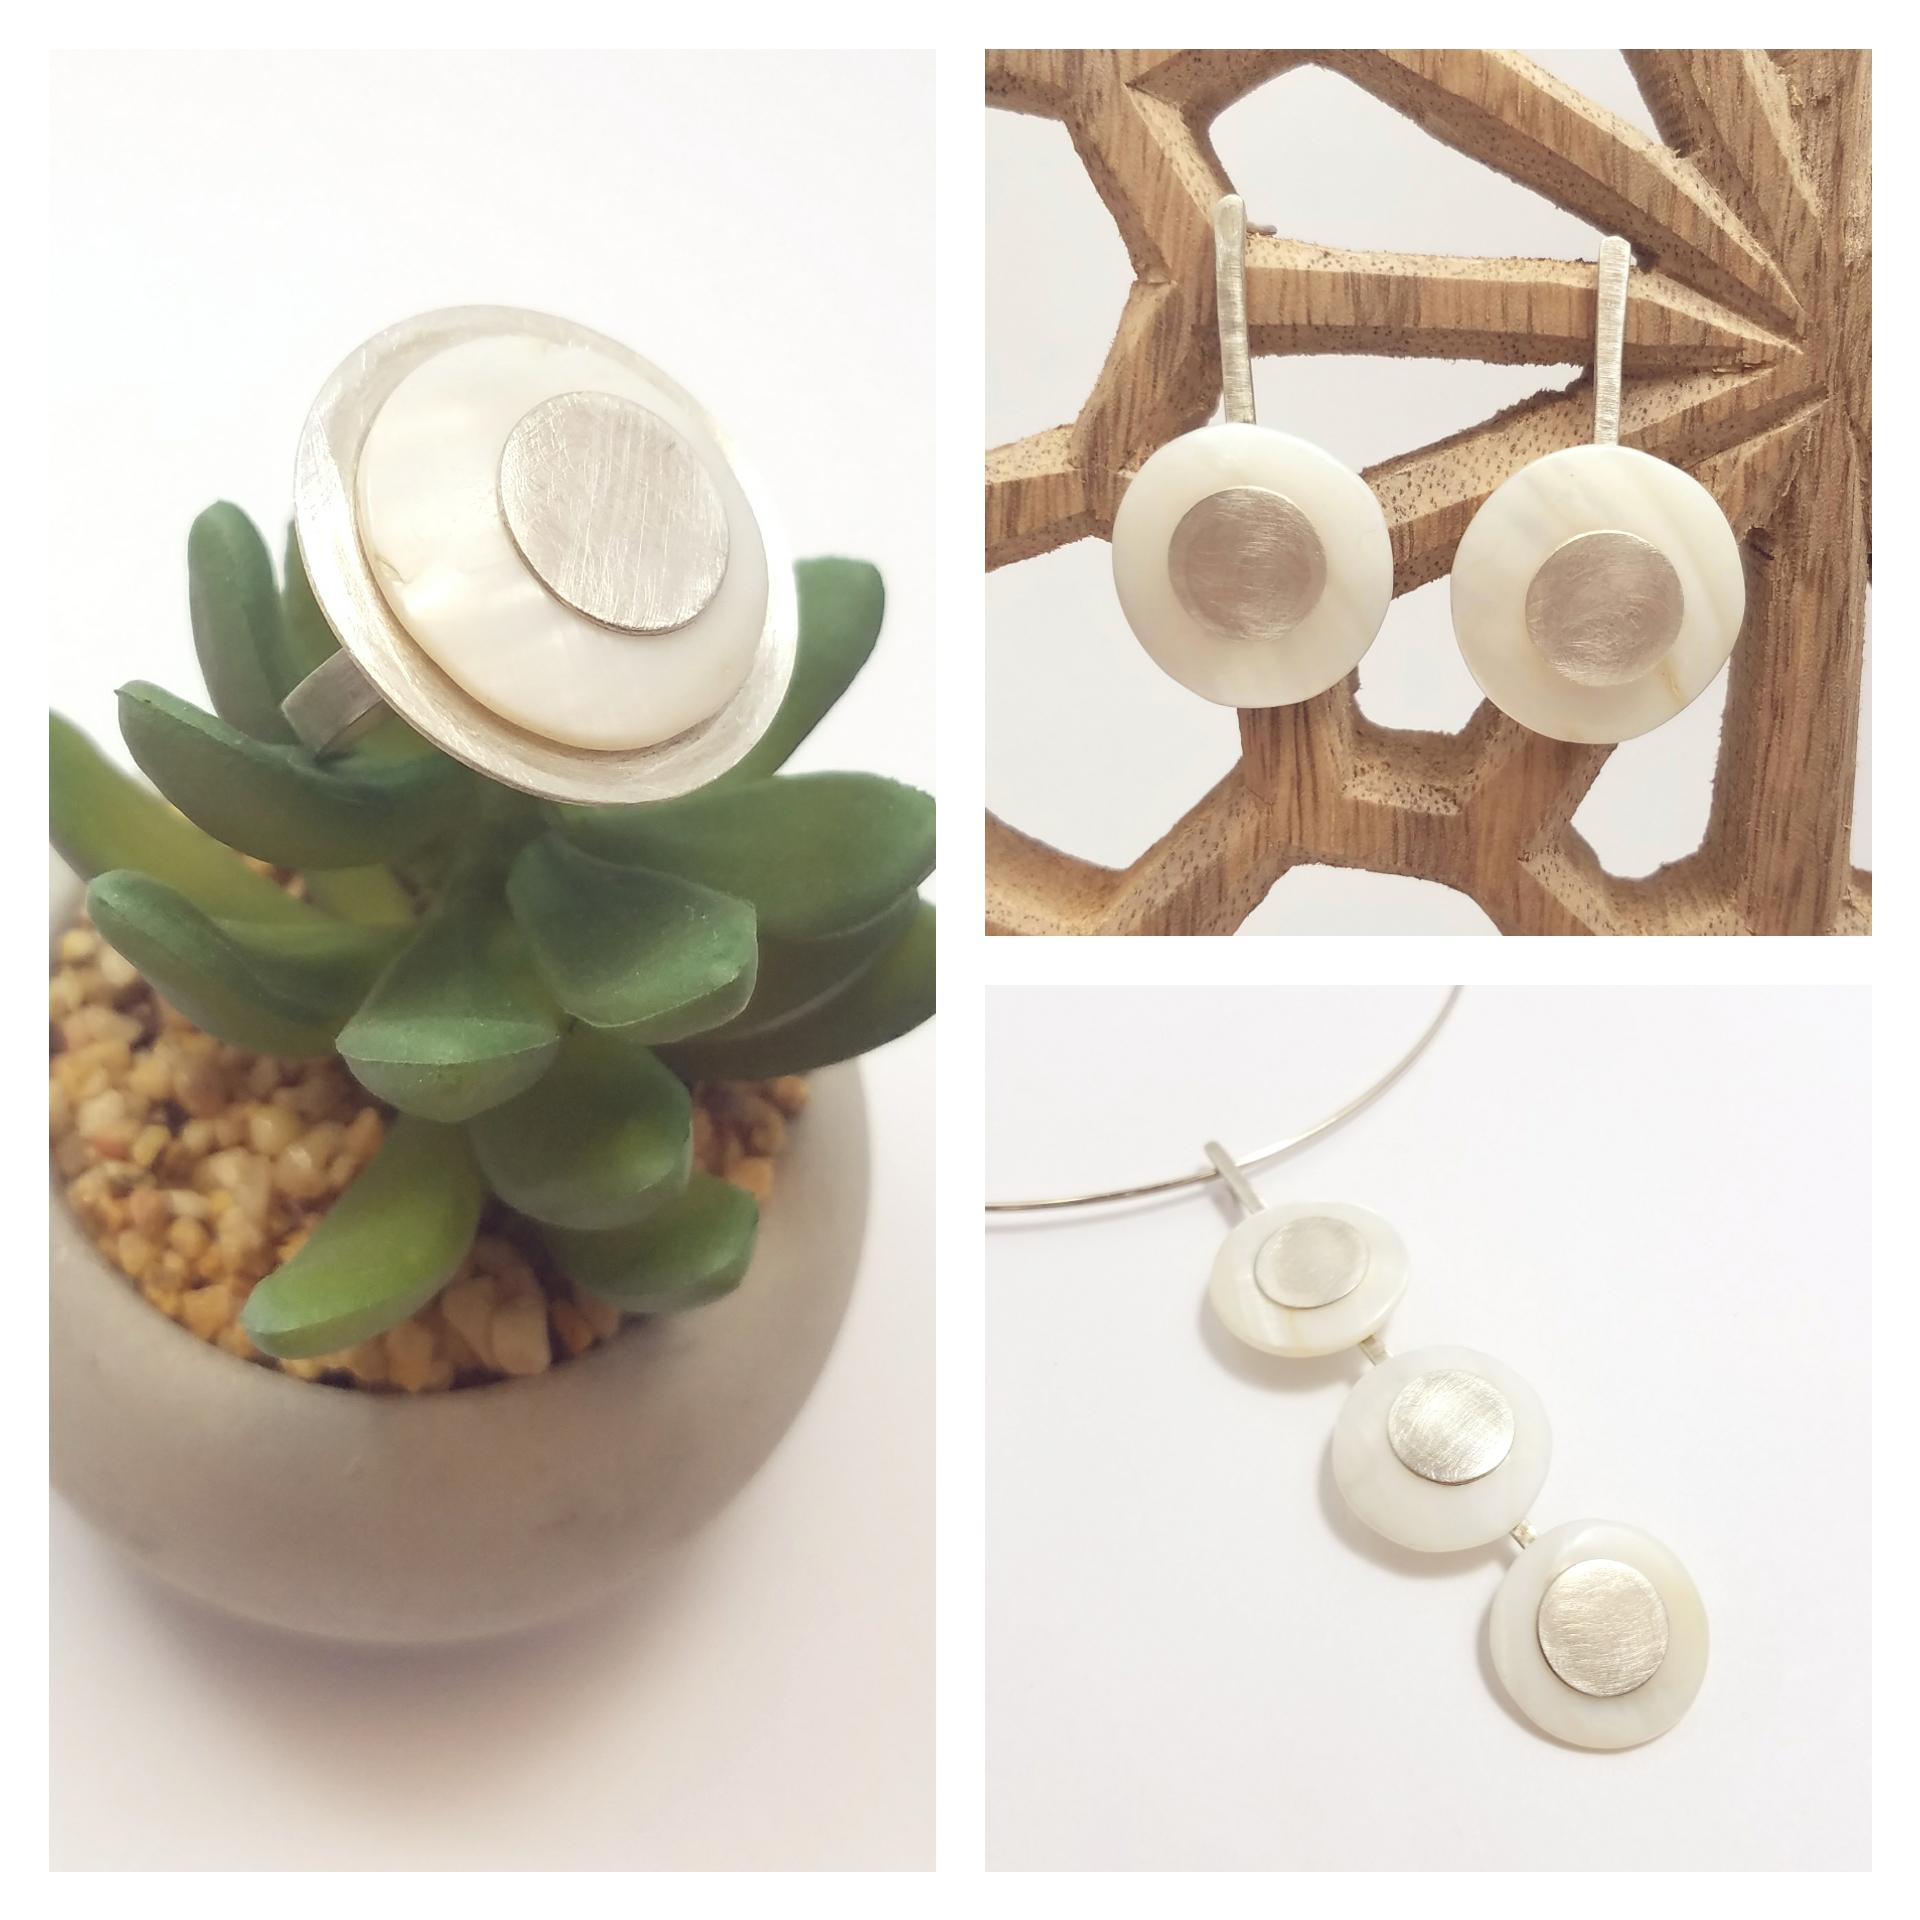 inCollage_20180301_171305629 - Güe Handmade Jewelry.jpg